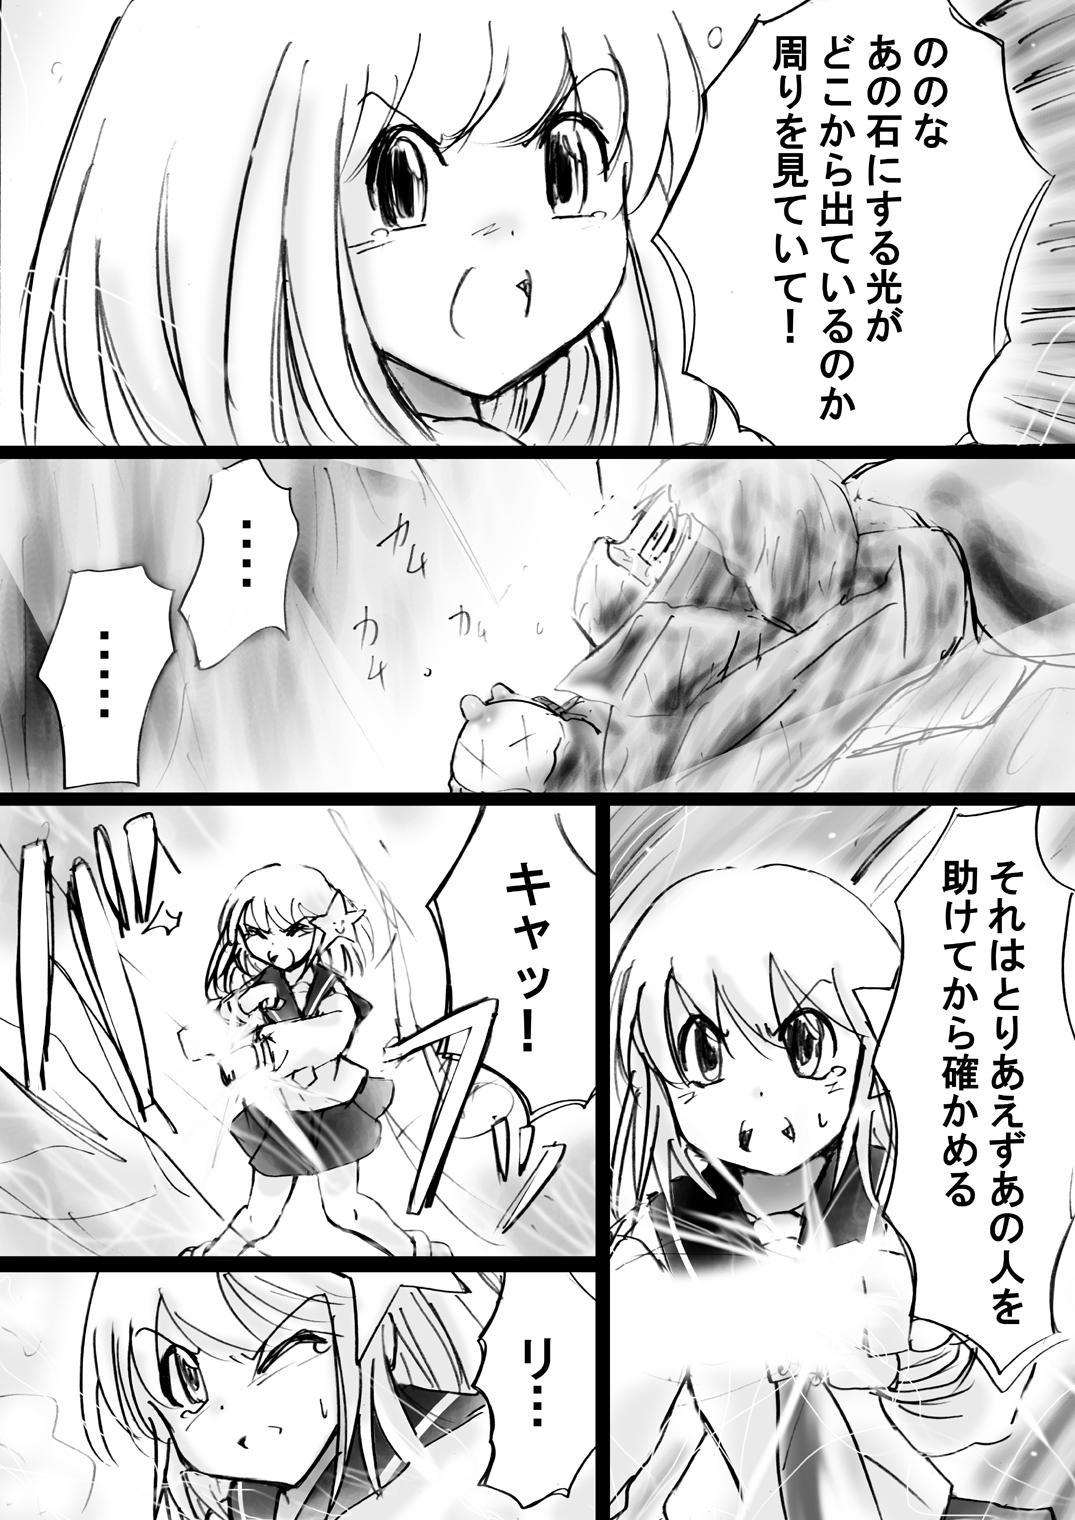 [Dende] Fushigi Sekai -Mystery World- no Nona 17 ~ Taiketsu Fujimi no Dai Inma Dakurasu, Kanzen Sekka no Kyoufu 33